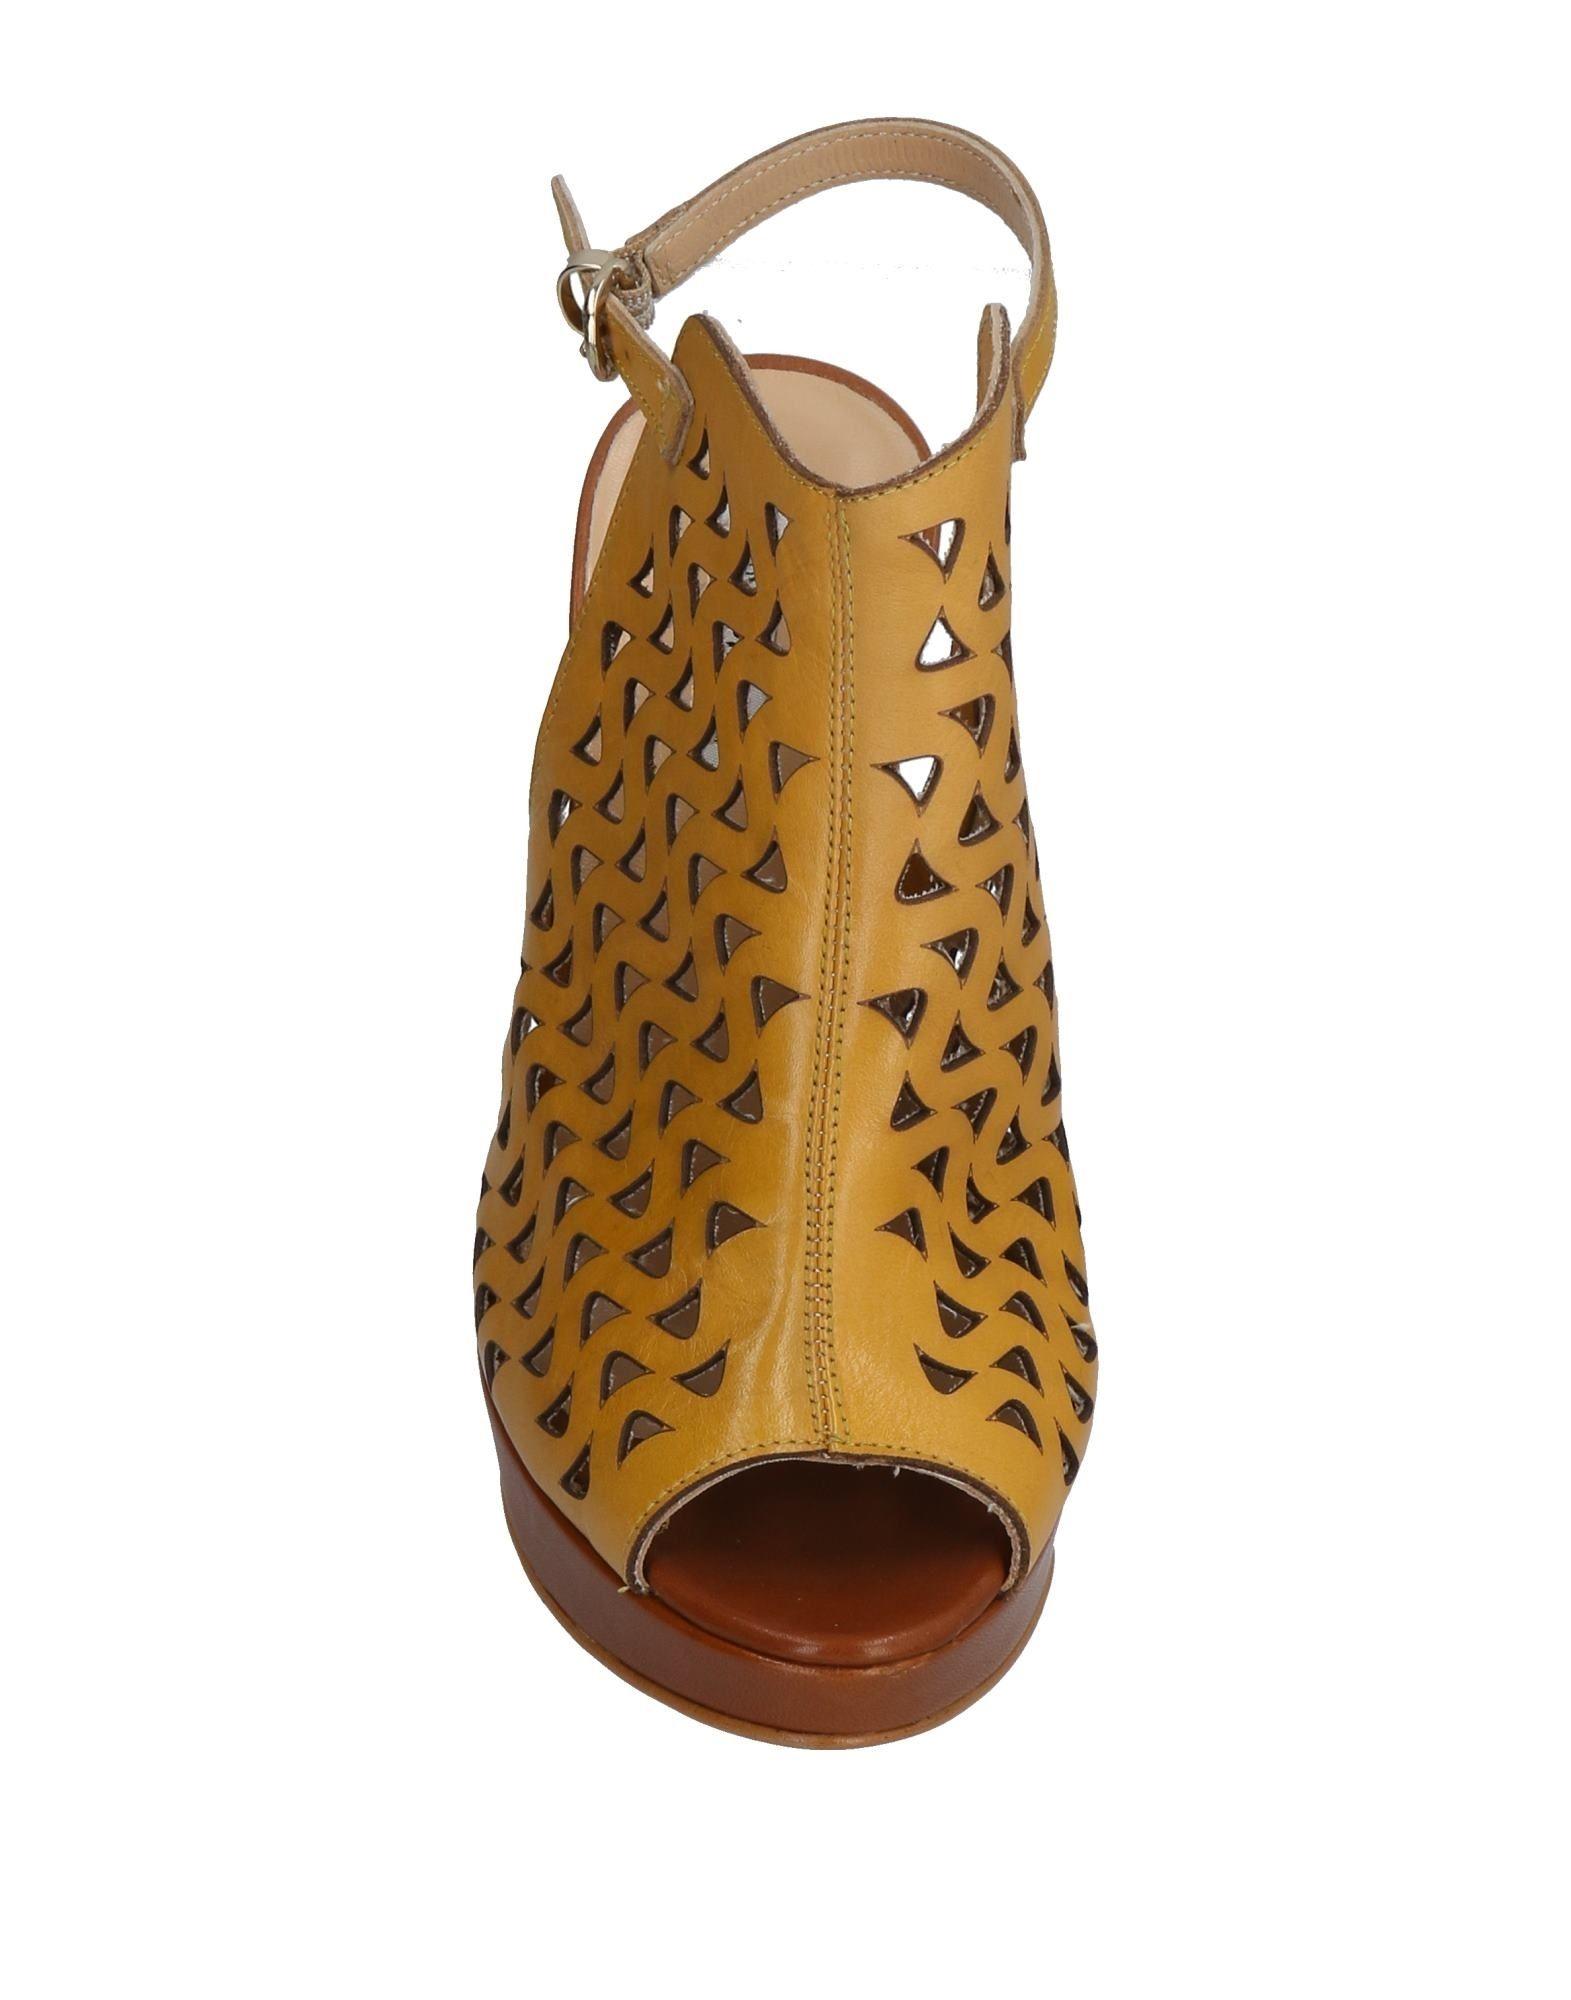 Donna Più Sandalen Damen  Schuhe 11464434RG Gute Qualität beliebte Schuhe  b6f2c6